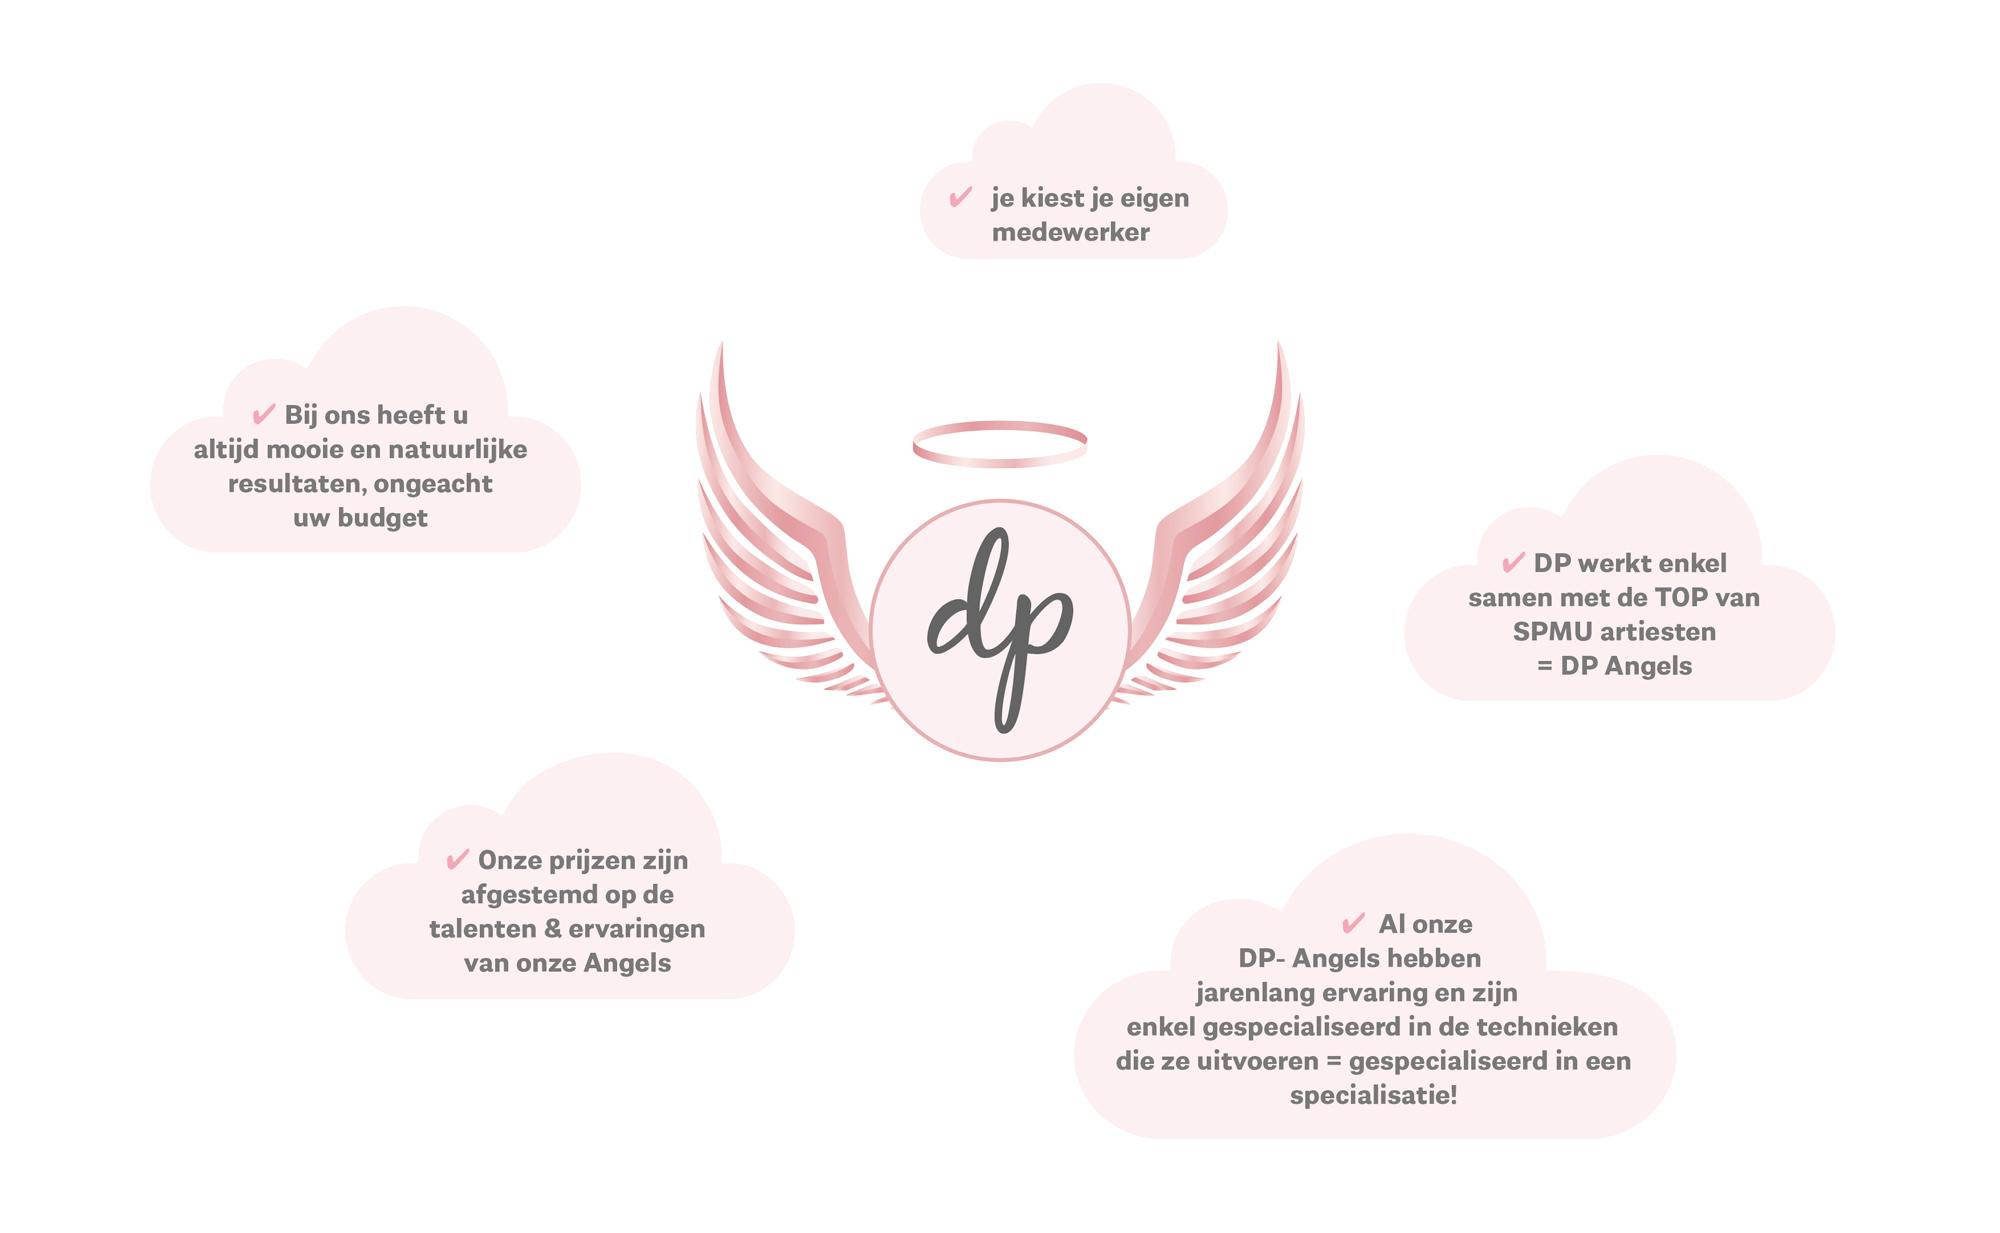 DP Angels pijlers